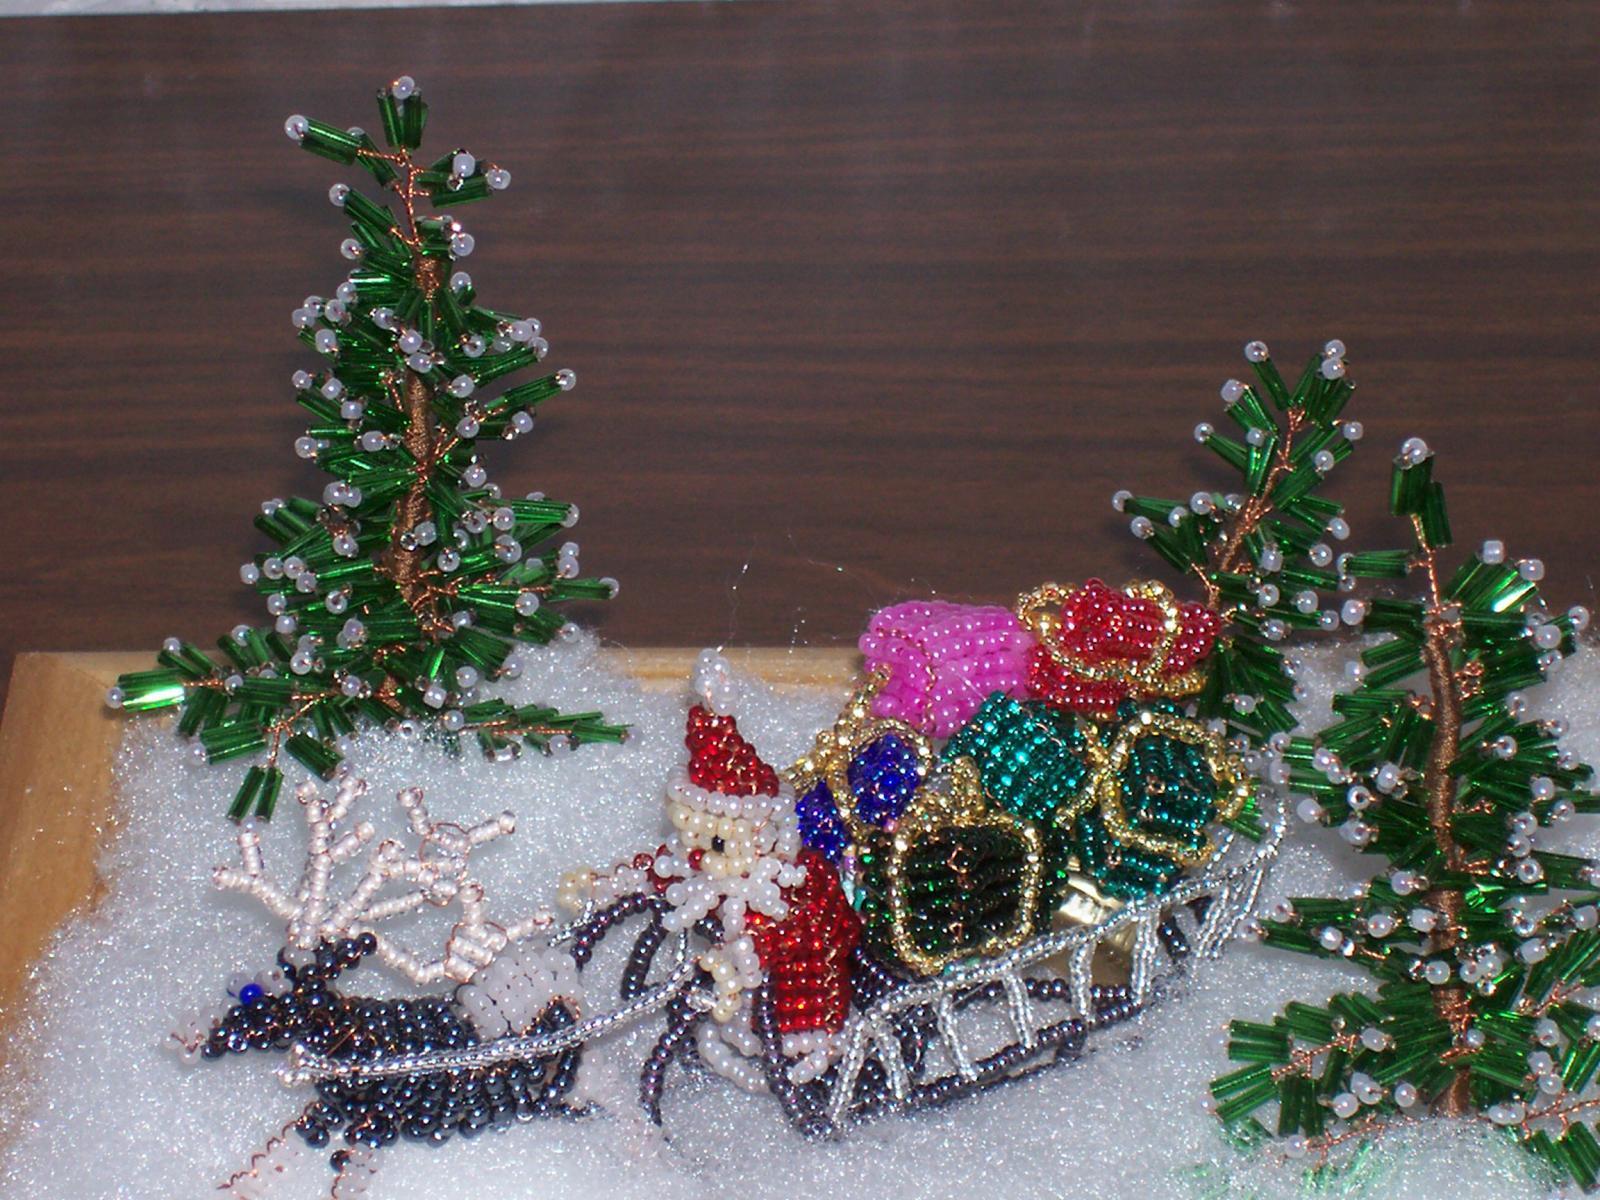 Схемы снежинок из бисера своими руками, снегурочка из бисера и другие объемные поделки